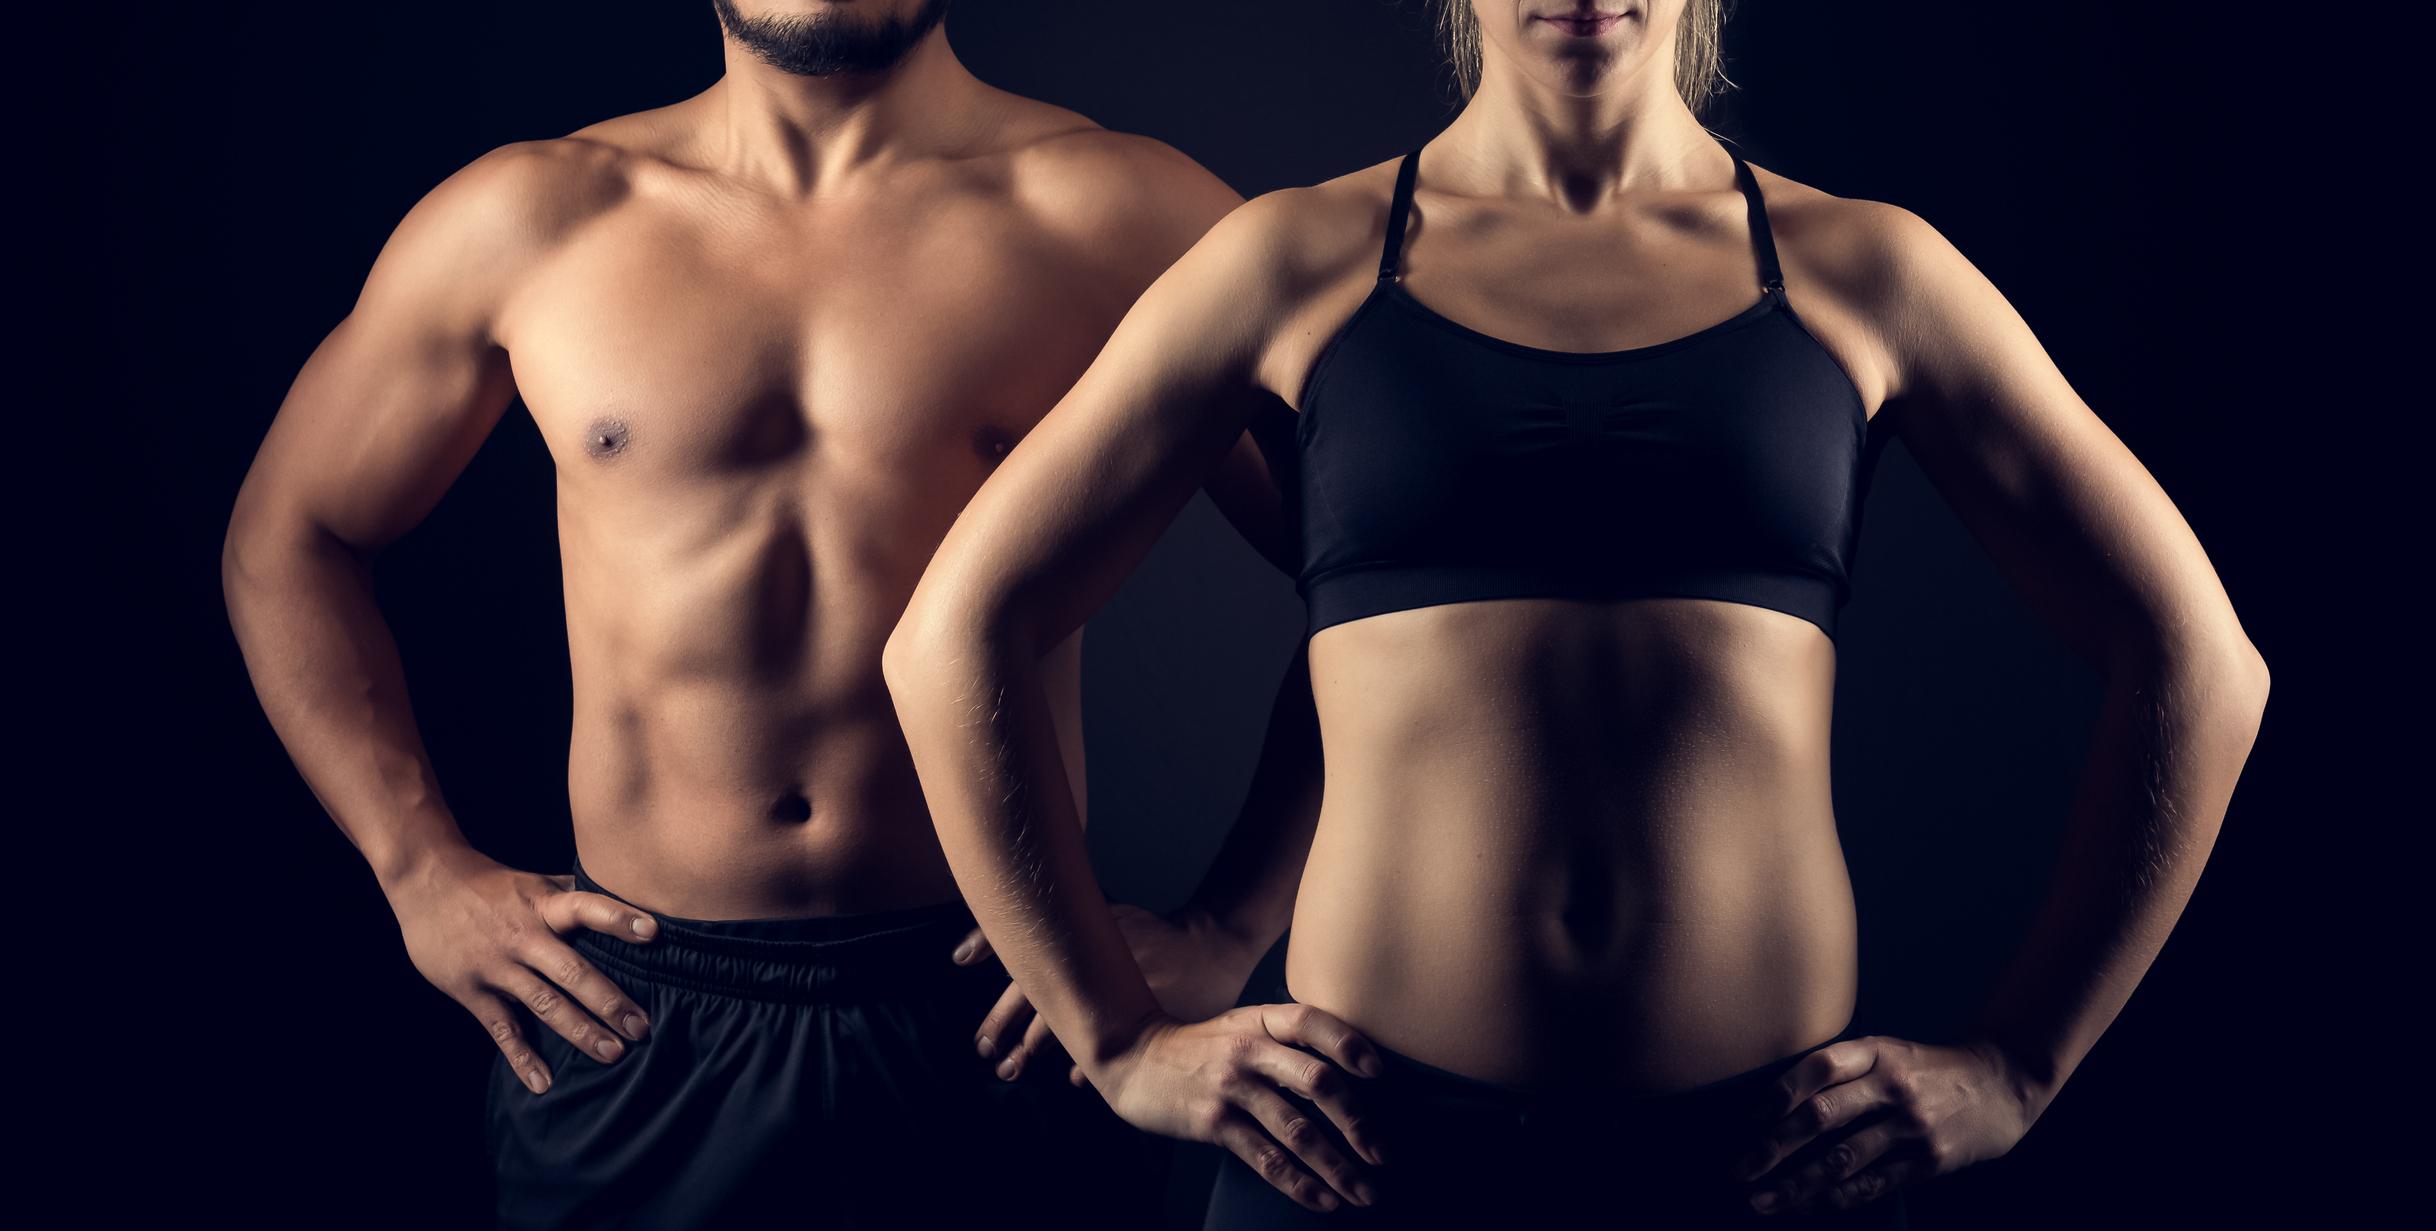 増える 体重 ダイエット トレ 筋 「筋トレをしたら太った?」筋トレ後に体重が増える理由を解説!